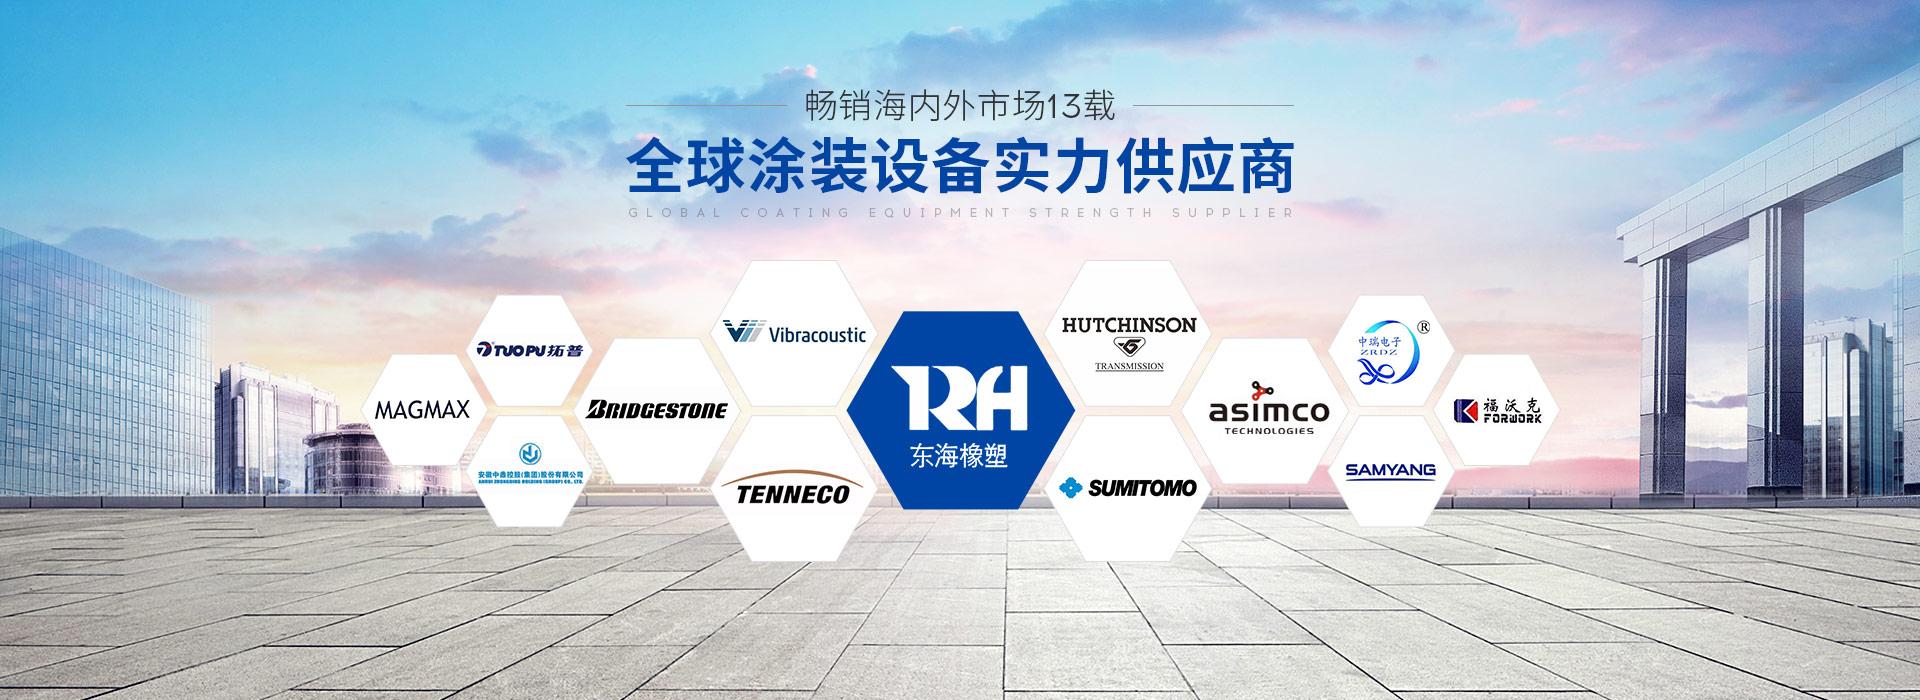 安捷伦-全球涂装设备实力供应商